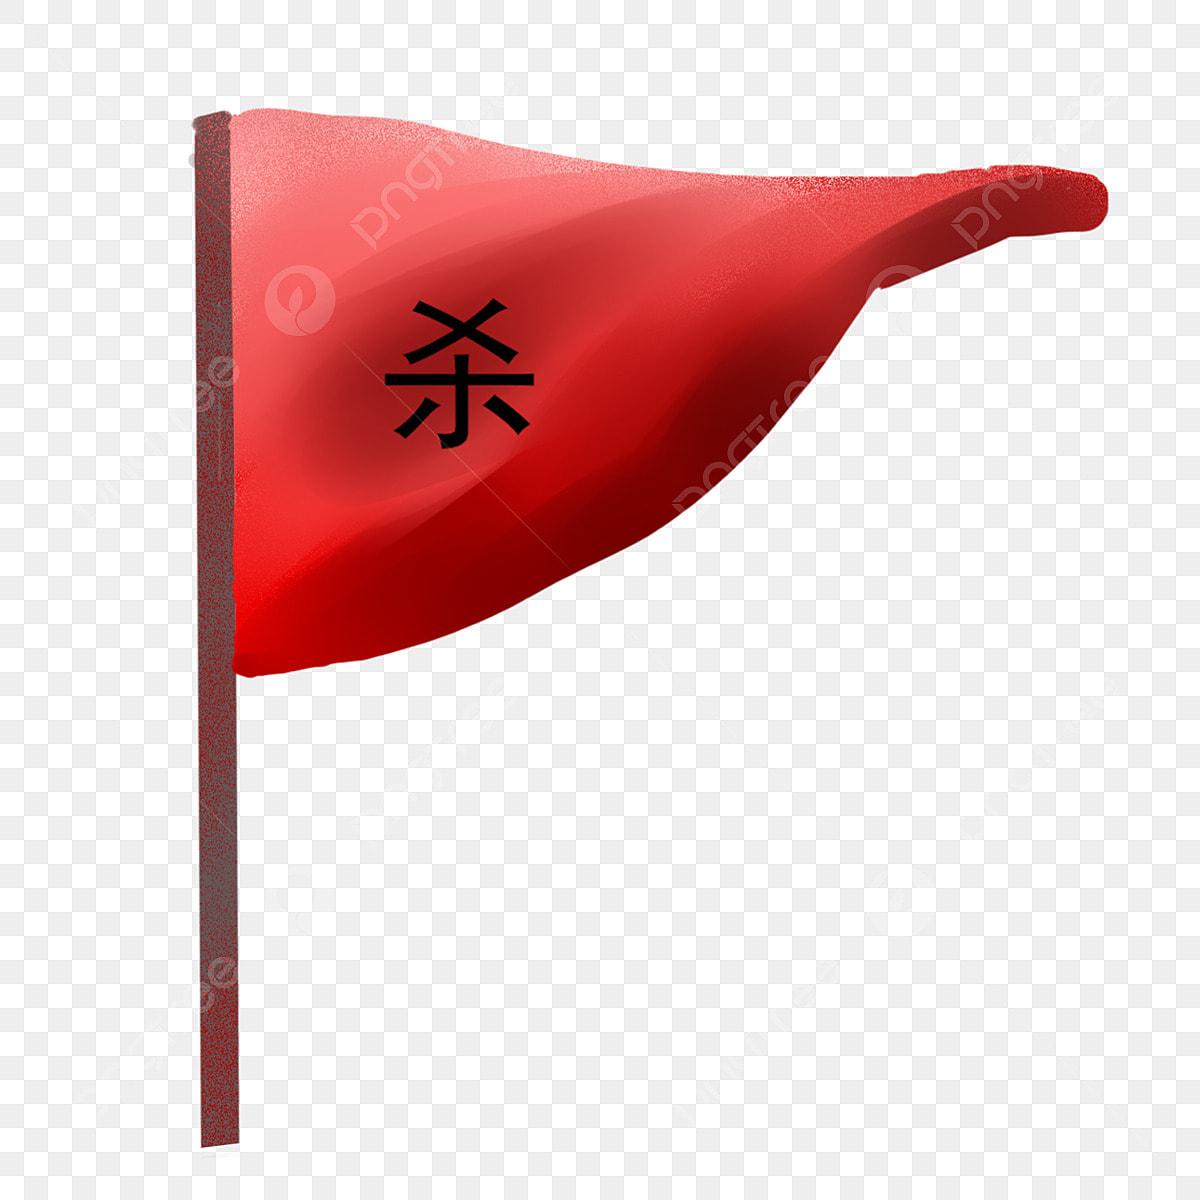 Gambar Spanduk Merah Spanduk Perang Sepanduk Indah Sepanduk Tangan Yang Ditarik Merah Bendera Membunuh Png Dan Psd Untuk Muat Turun Percuma